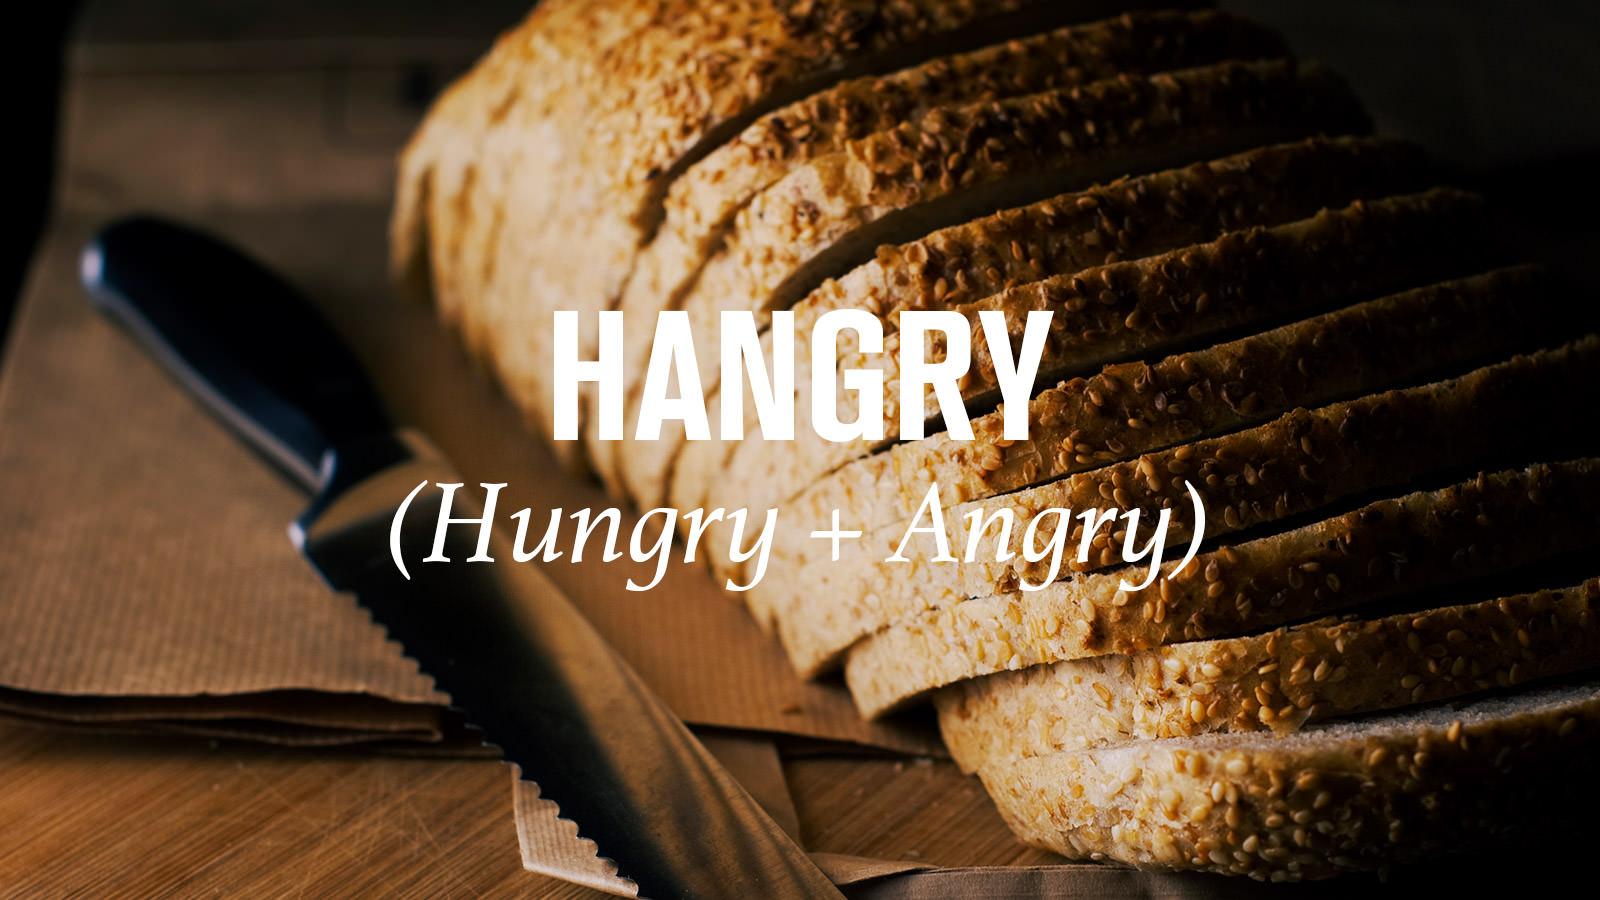 hangry